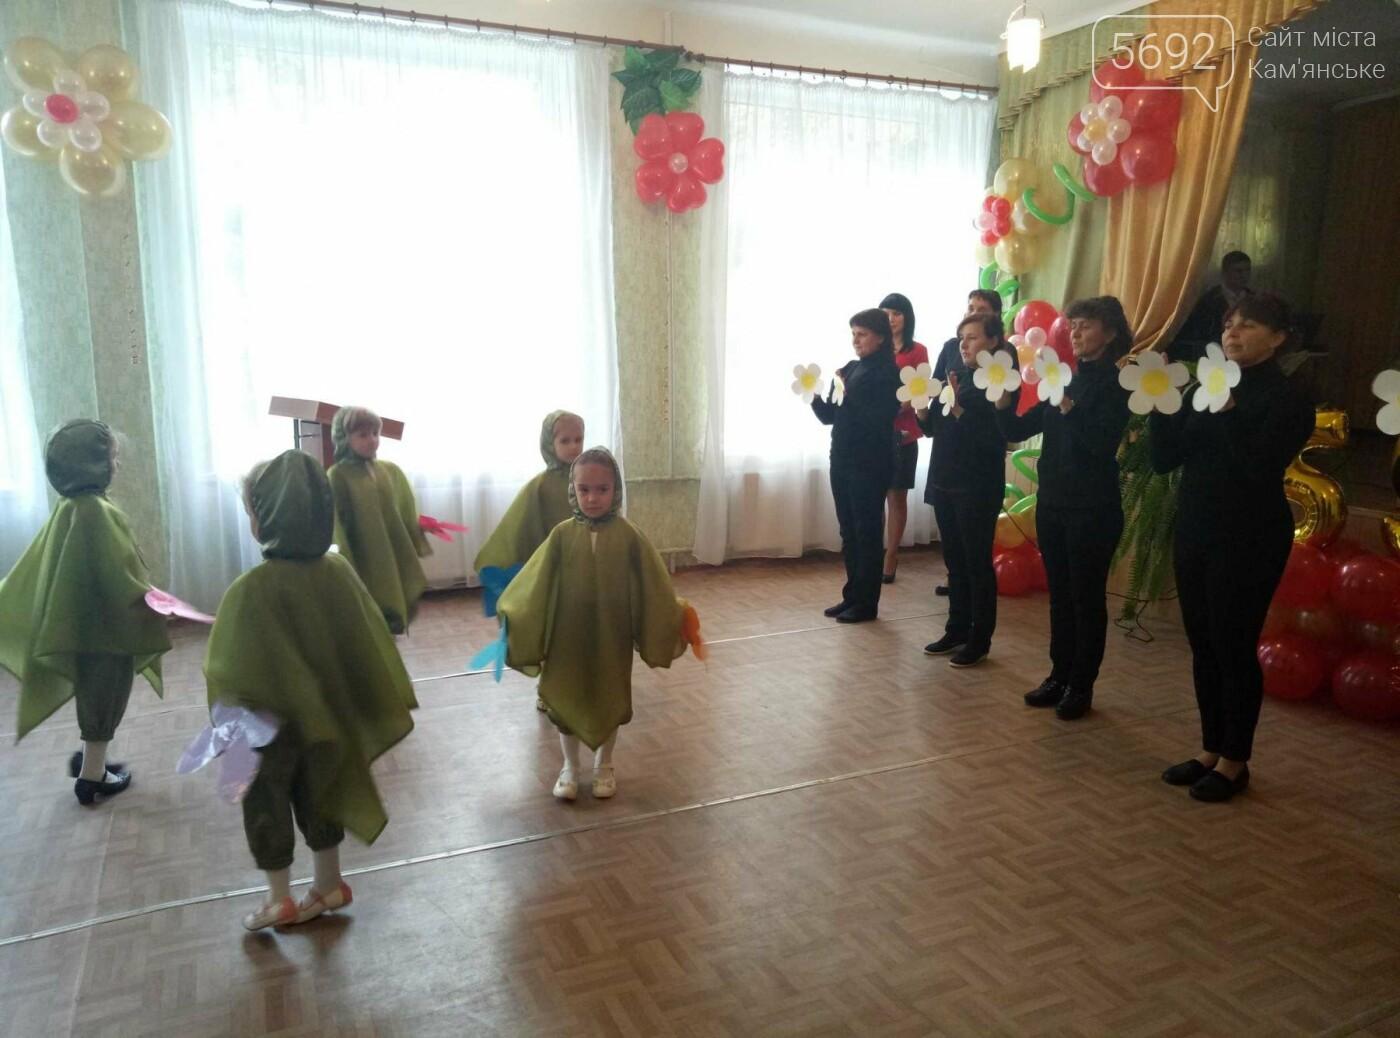 Каменская школа №7 отпраздновала 55-летие, фото-10